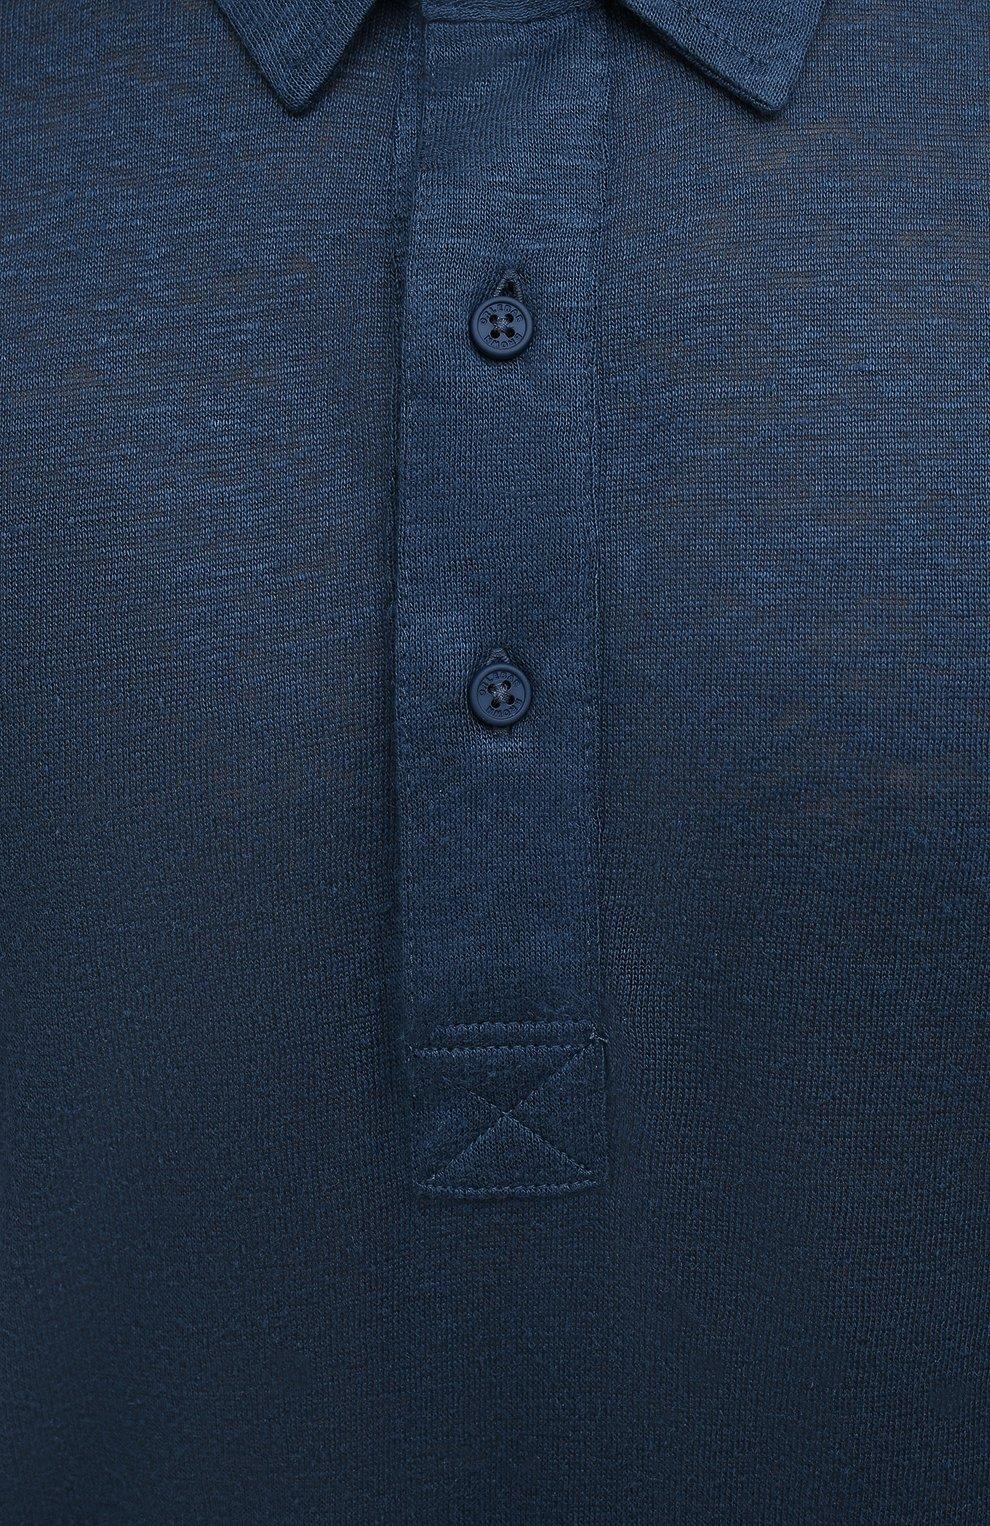 Мужское льняное поло ORLEBAR BROWN темно-синего цвета, арт. 273712   Фото 5 (Застежка: Пуговицы; Рукава: Короткие; Длина (для топов): Стандартные; Кросс-КТ: Трикотаж; Материал внешний: Лен; Стили: Кэжуэл)